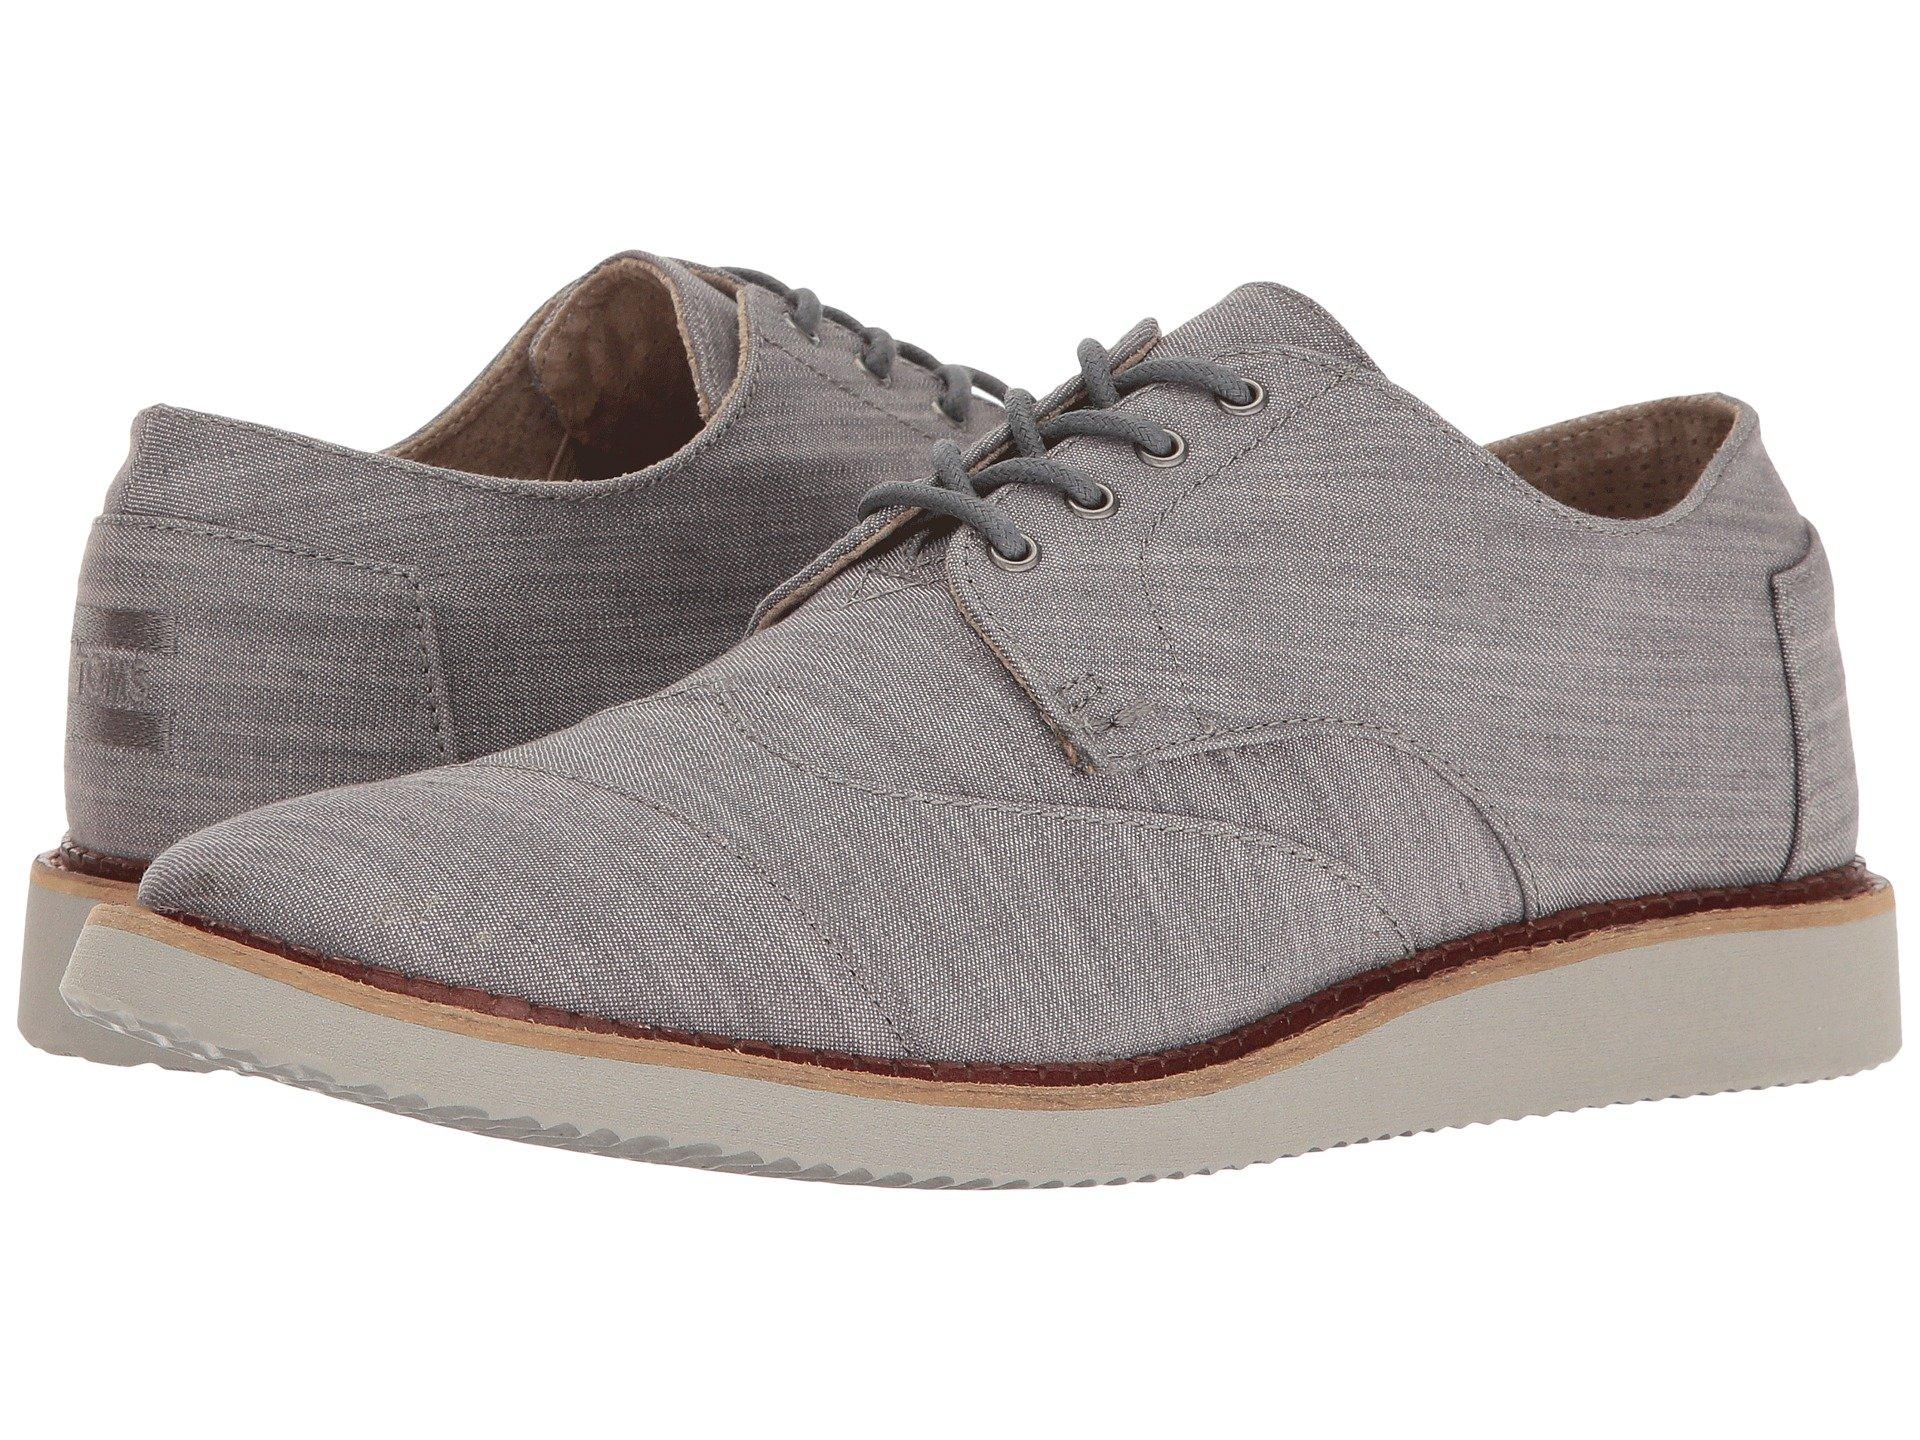 Calzado tipo Oxford para Hombre TOMS Brogue Lace-Up  + TOMS en VeoyCompro.net